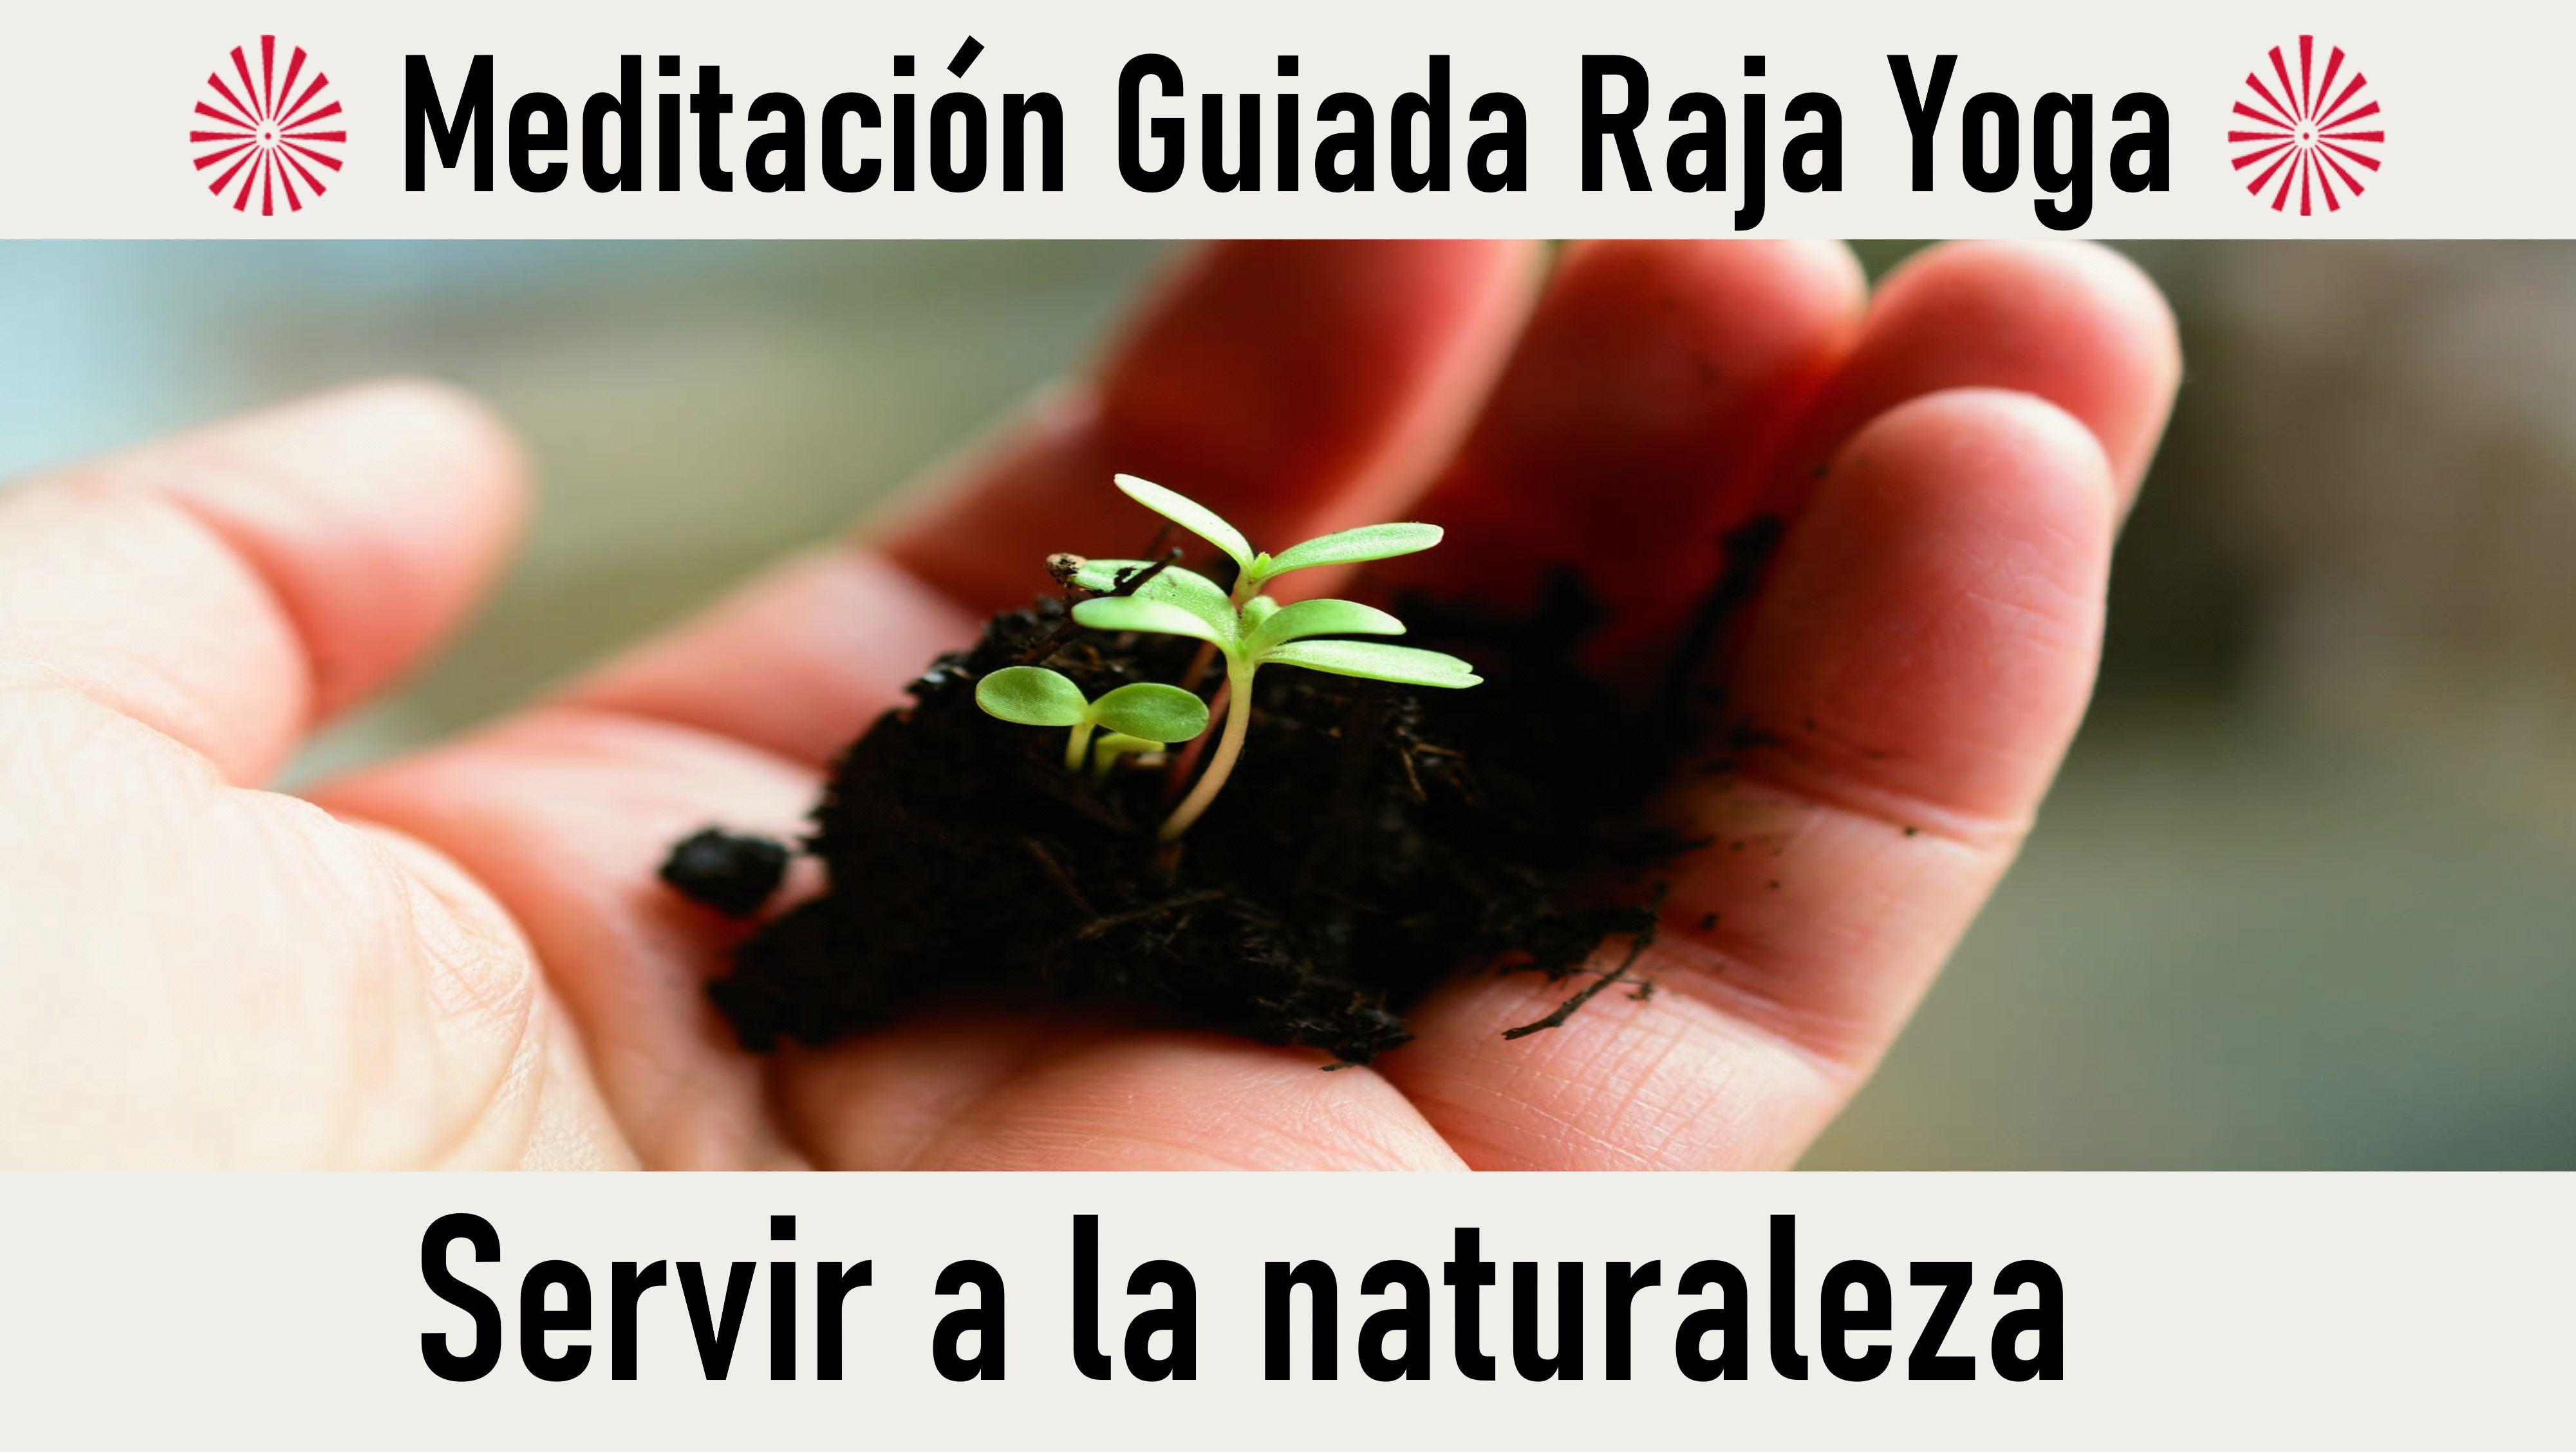 Meditación Raja Yoga:   Servir a la naturaleza (22 Octubre 2020) On-line desde Madrid